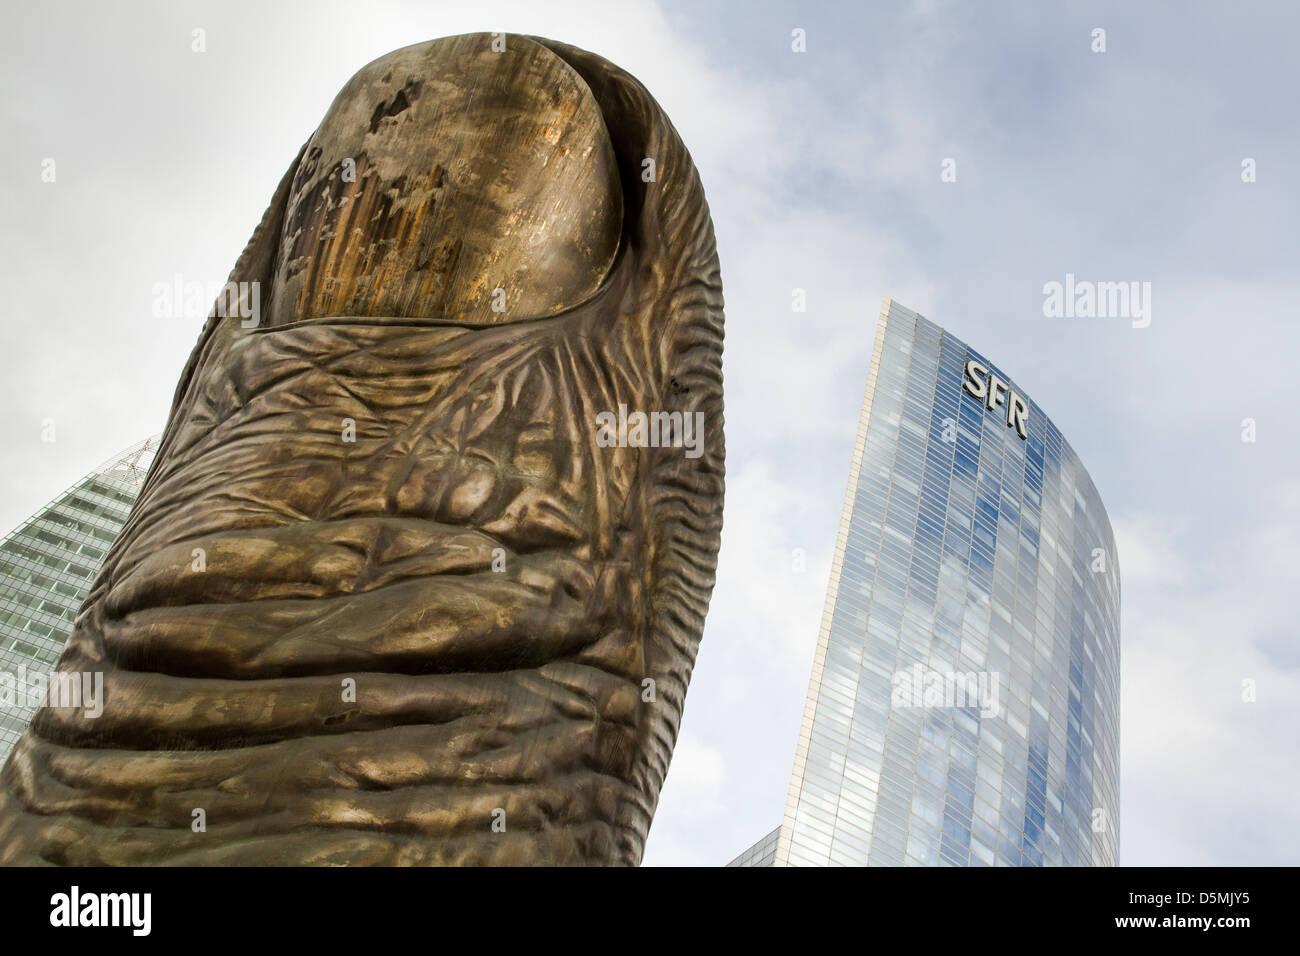 'Le Pouce' sculpture, by Cesar Baldaccini, in La Defense, a major corporate park in Paris. - Stock Image